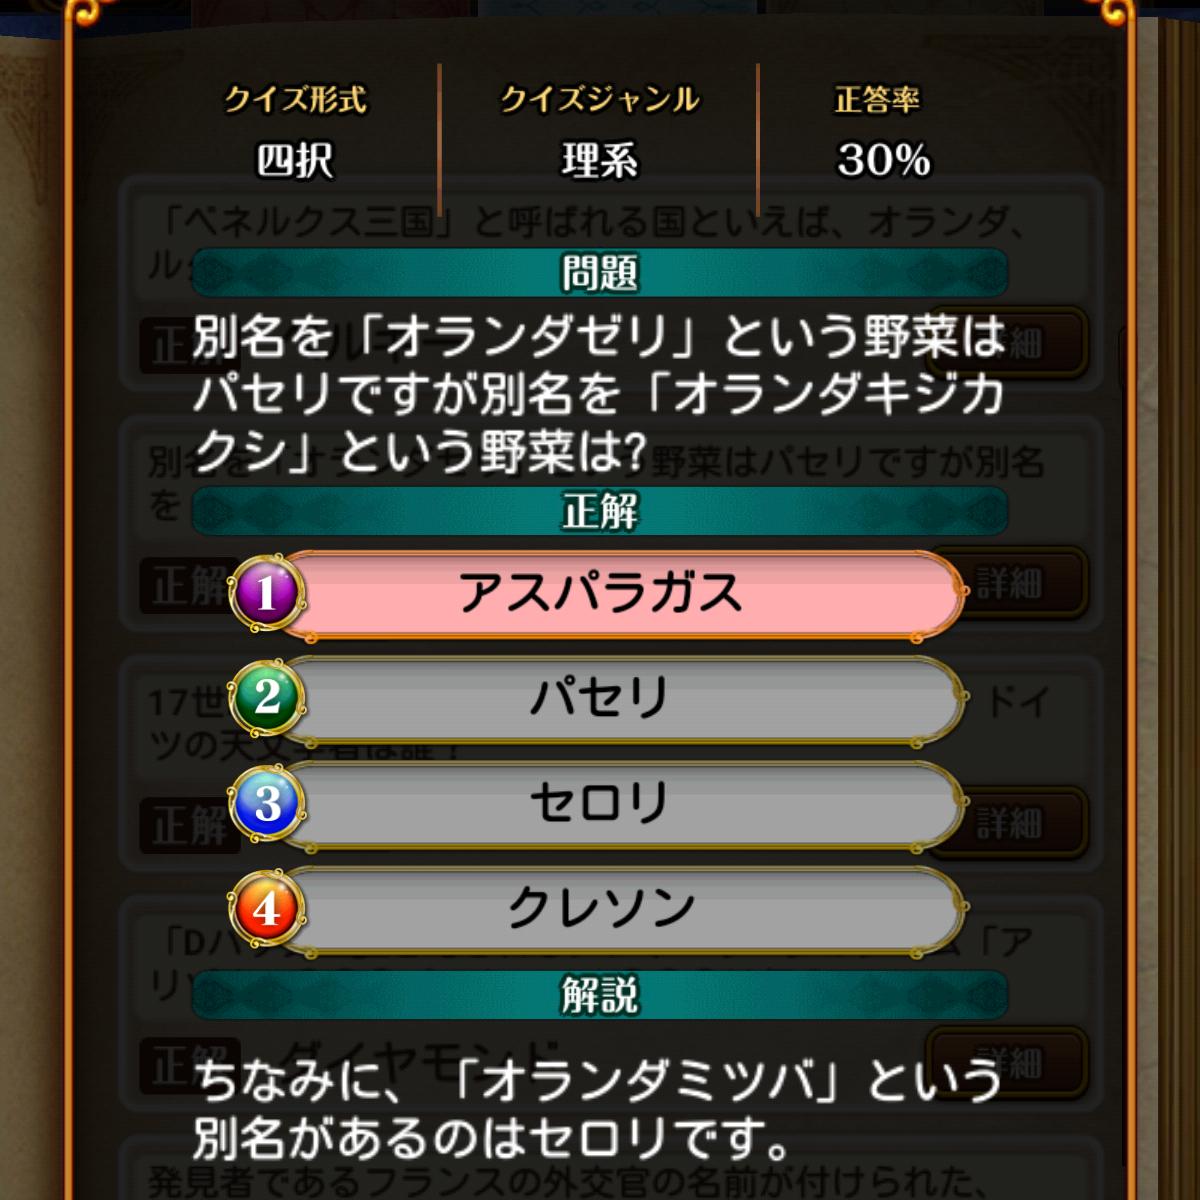 f:id:Tairax:20210704235836p:plain